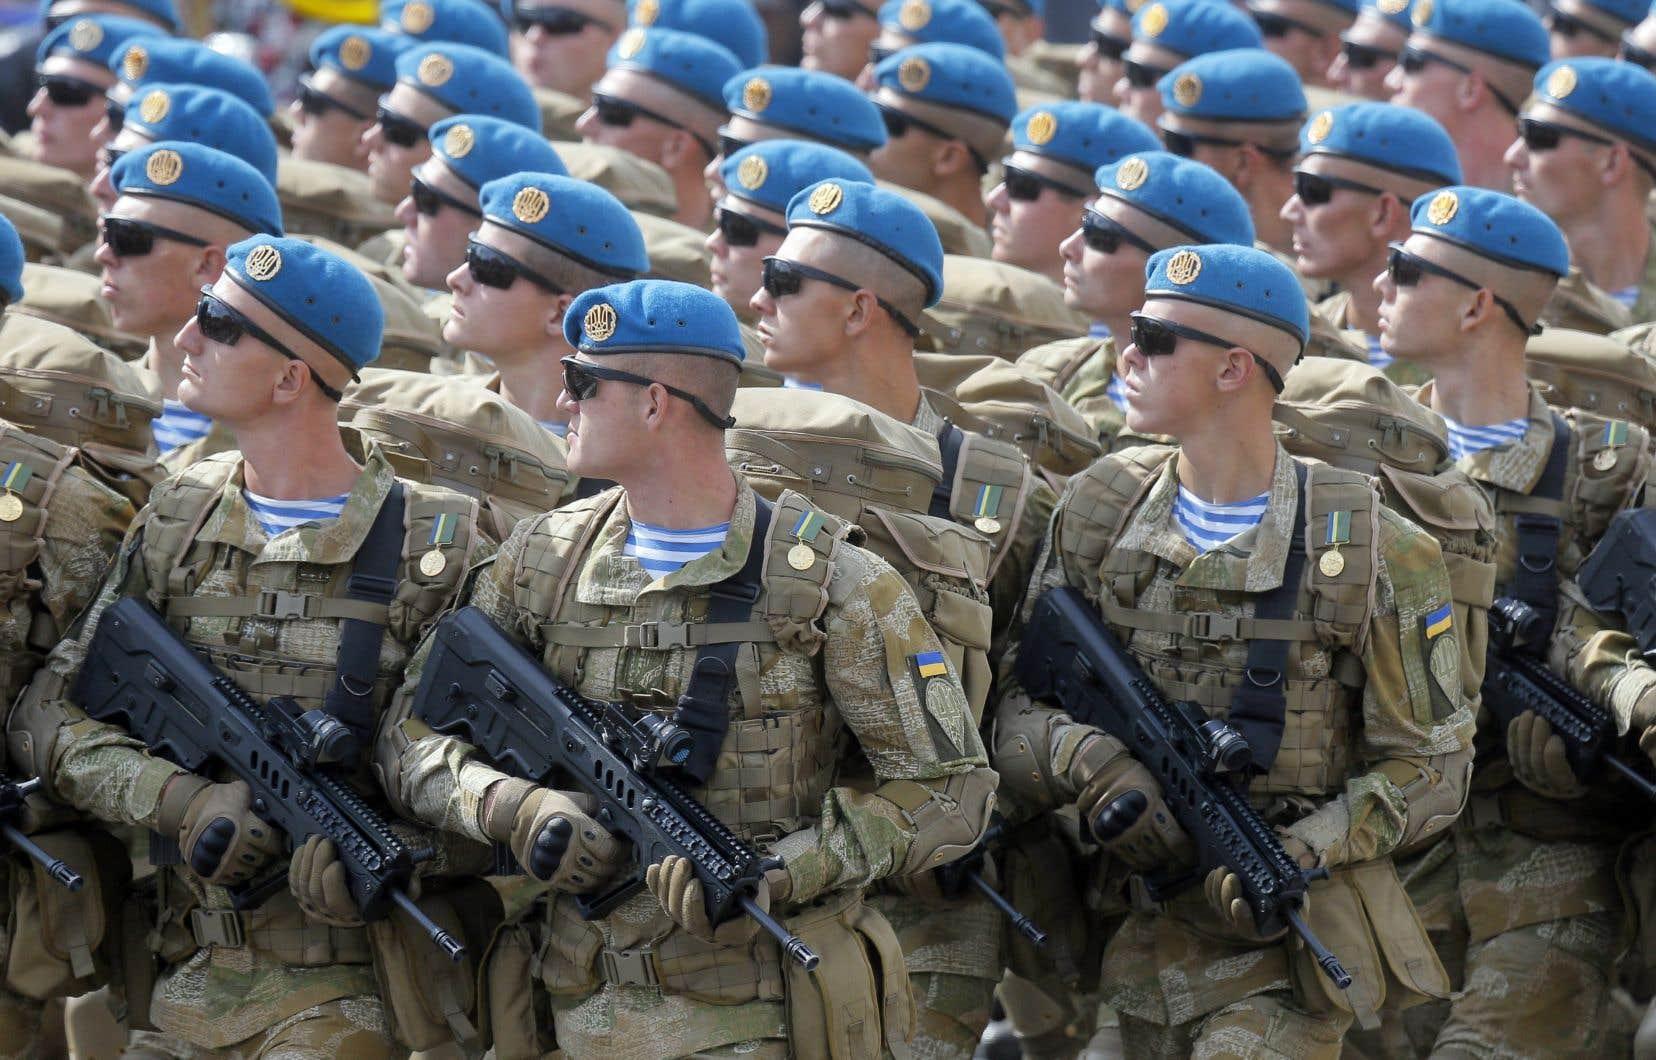 Des militaires ukrainiens déambulaient dans les rues de Kiev en août dernier à l'occasion d'une parade.